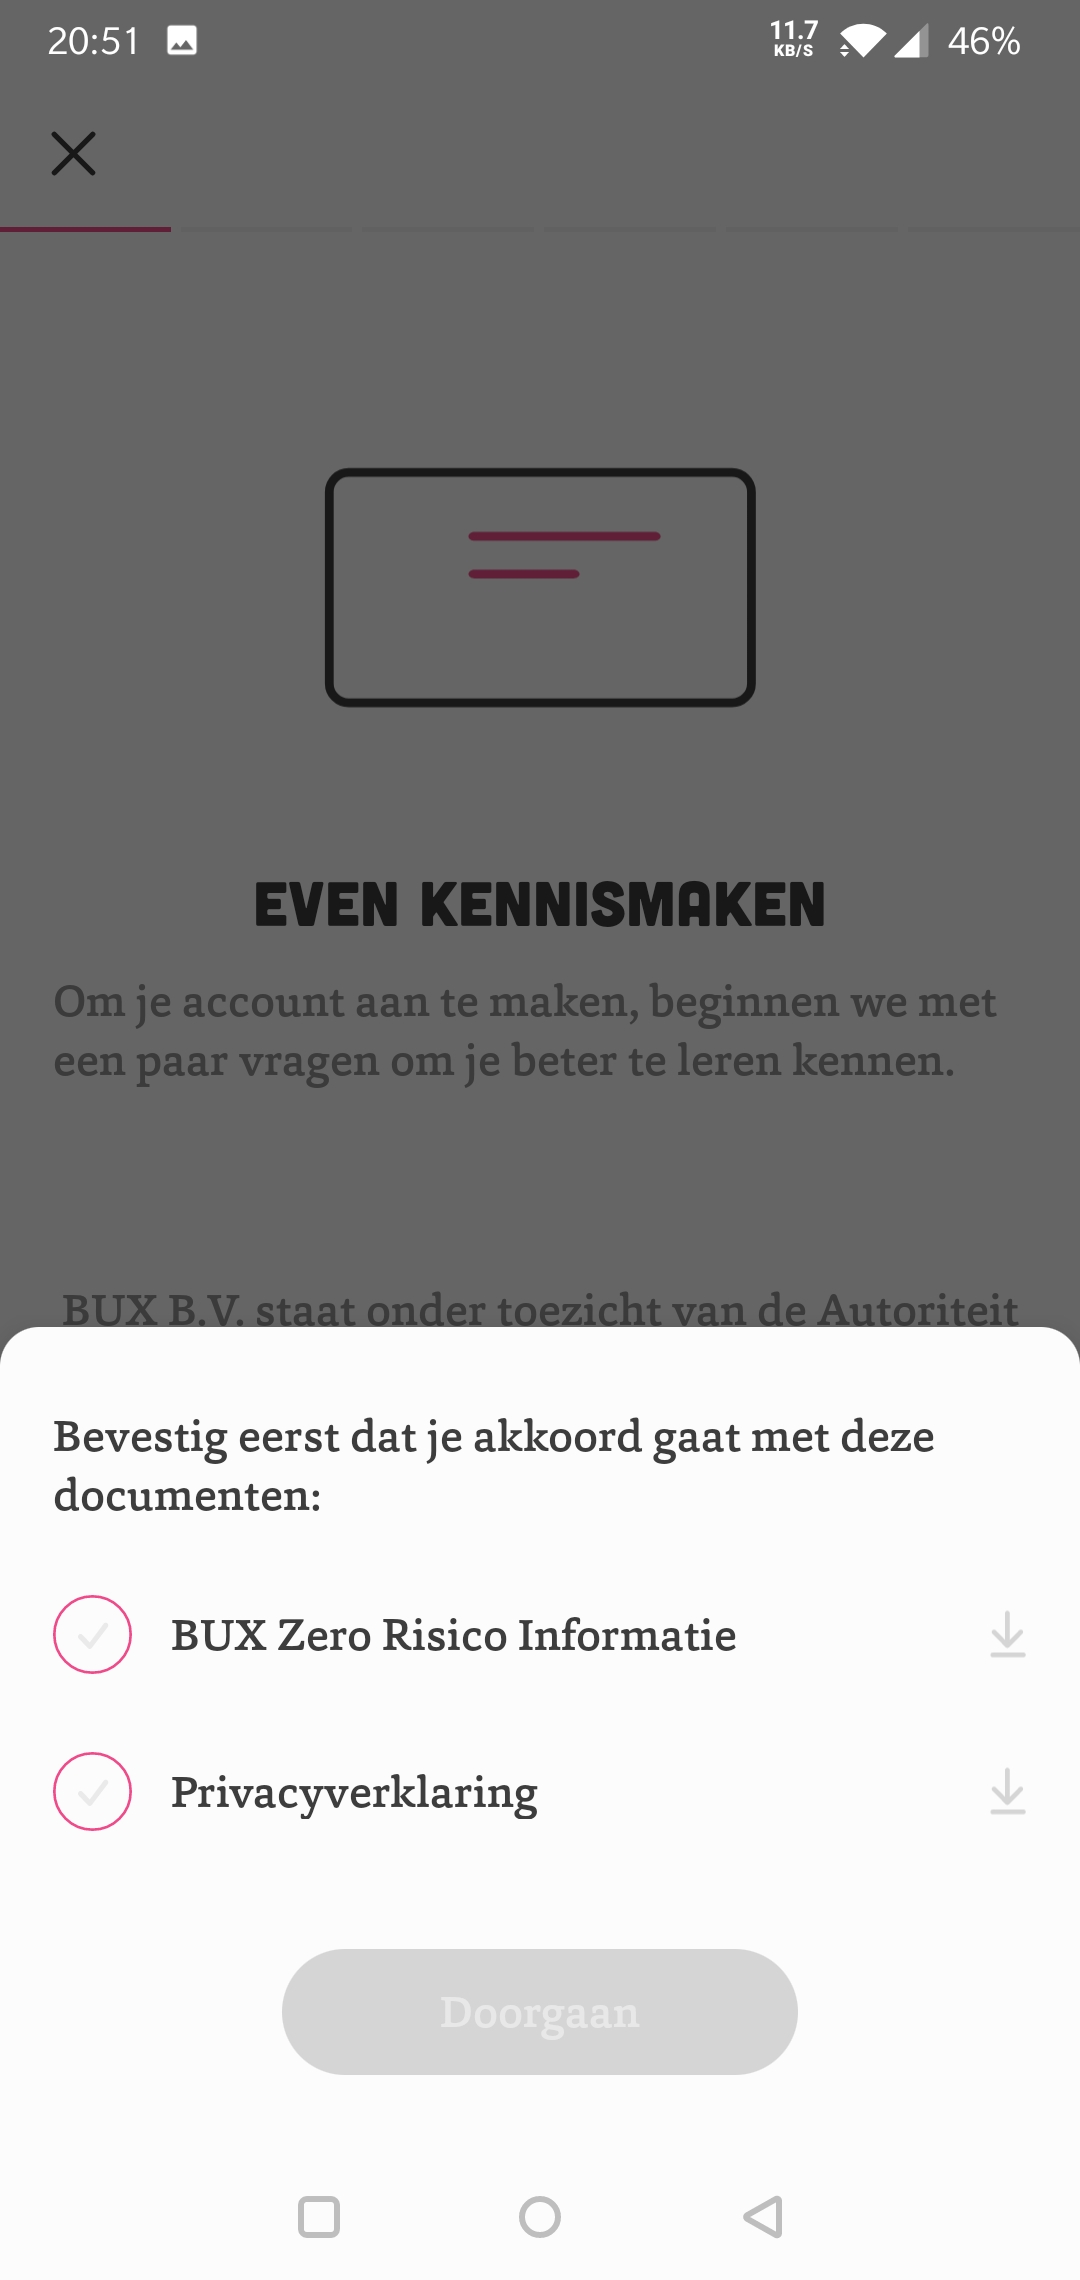 Bux Zero risico informatie en privacyverklaring